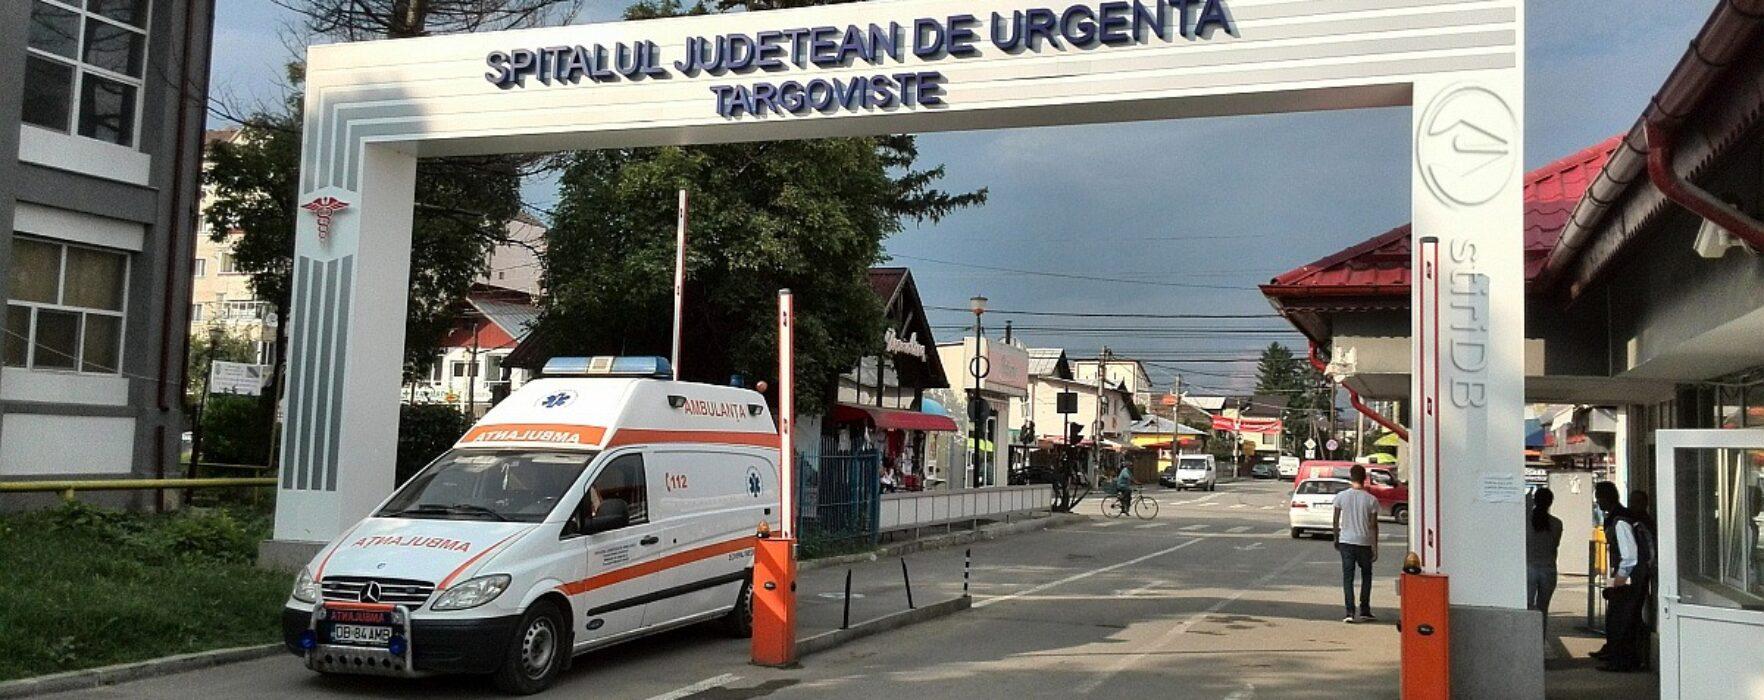 Managerul Spitalului Judeţean Târgovişte, nemulţumit de atitudinea asitentelor de la Unitatea Primiri Urgenţe